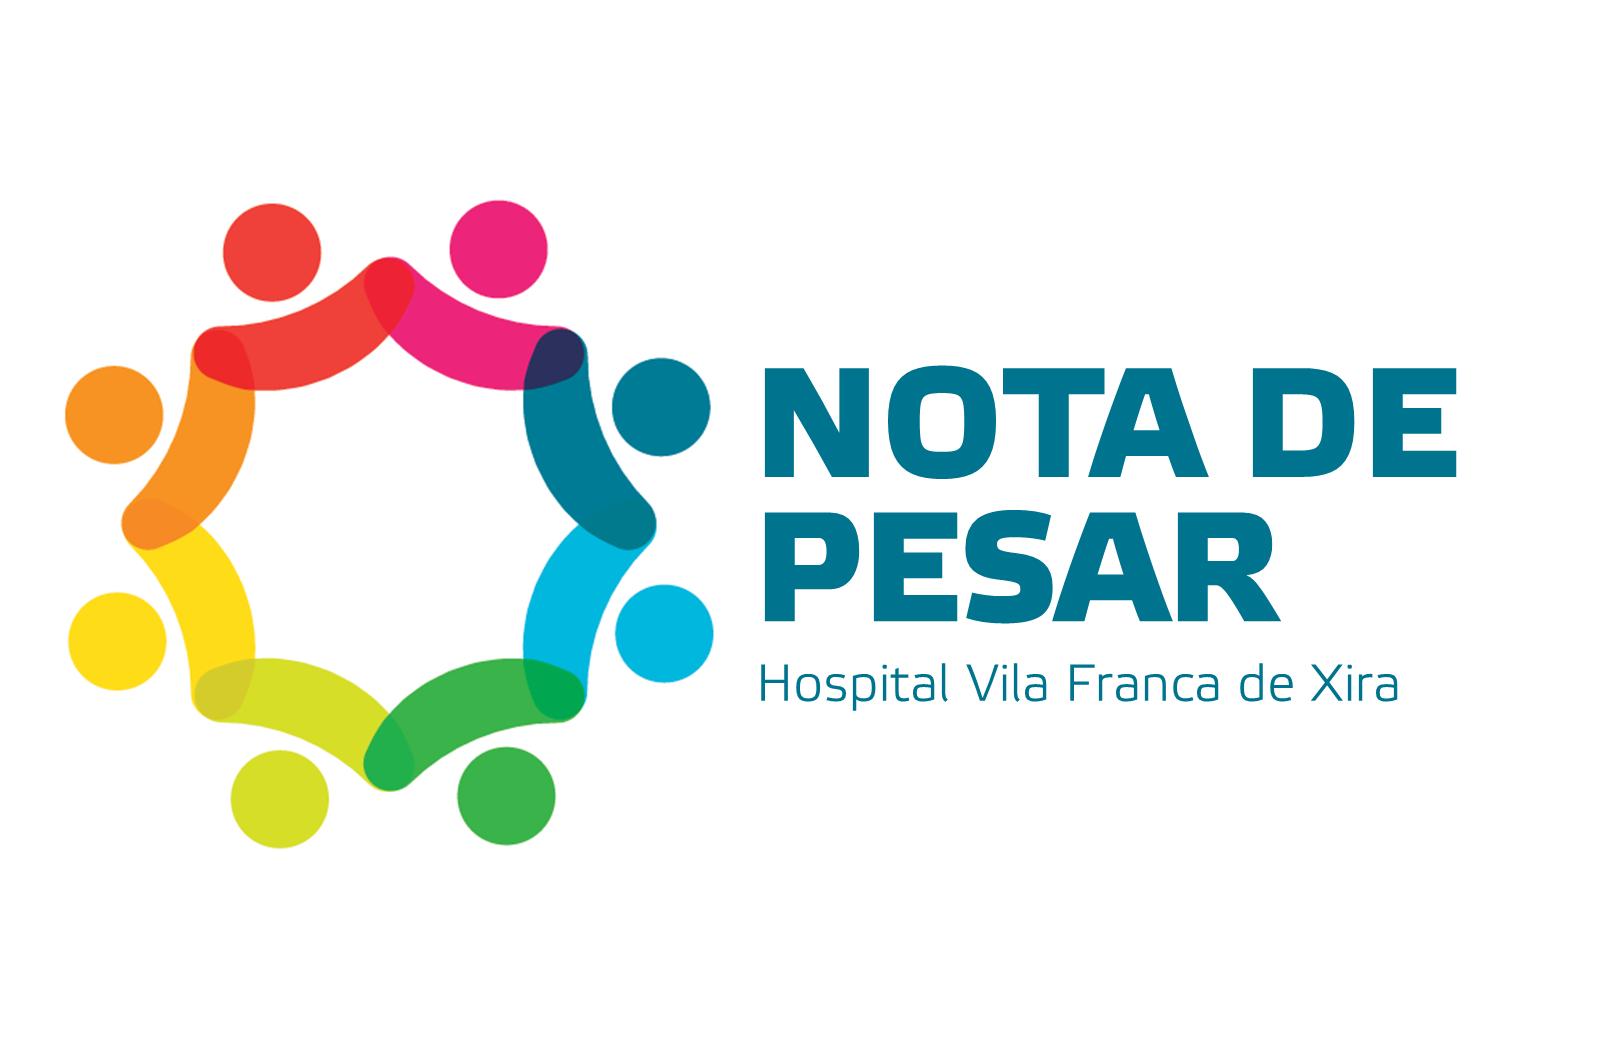 hospital-de-vila-franca-de-xira-Nota de Pesar pela morte de Jorge Coelho